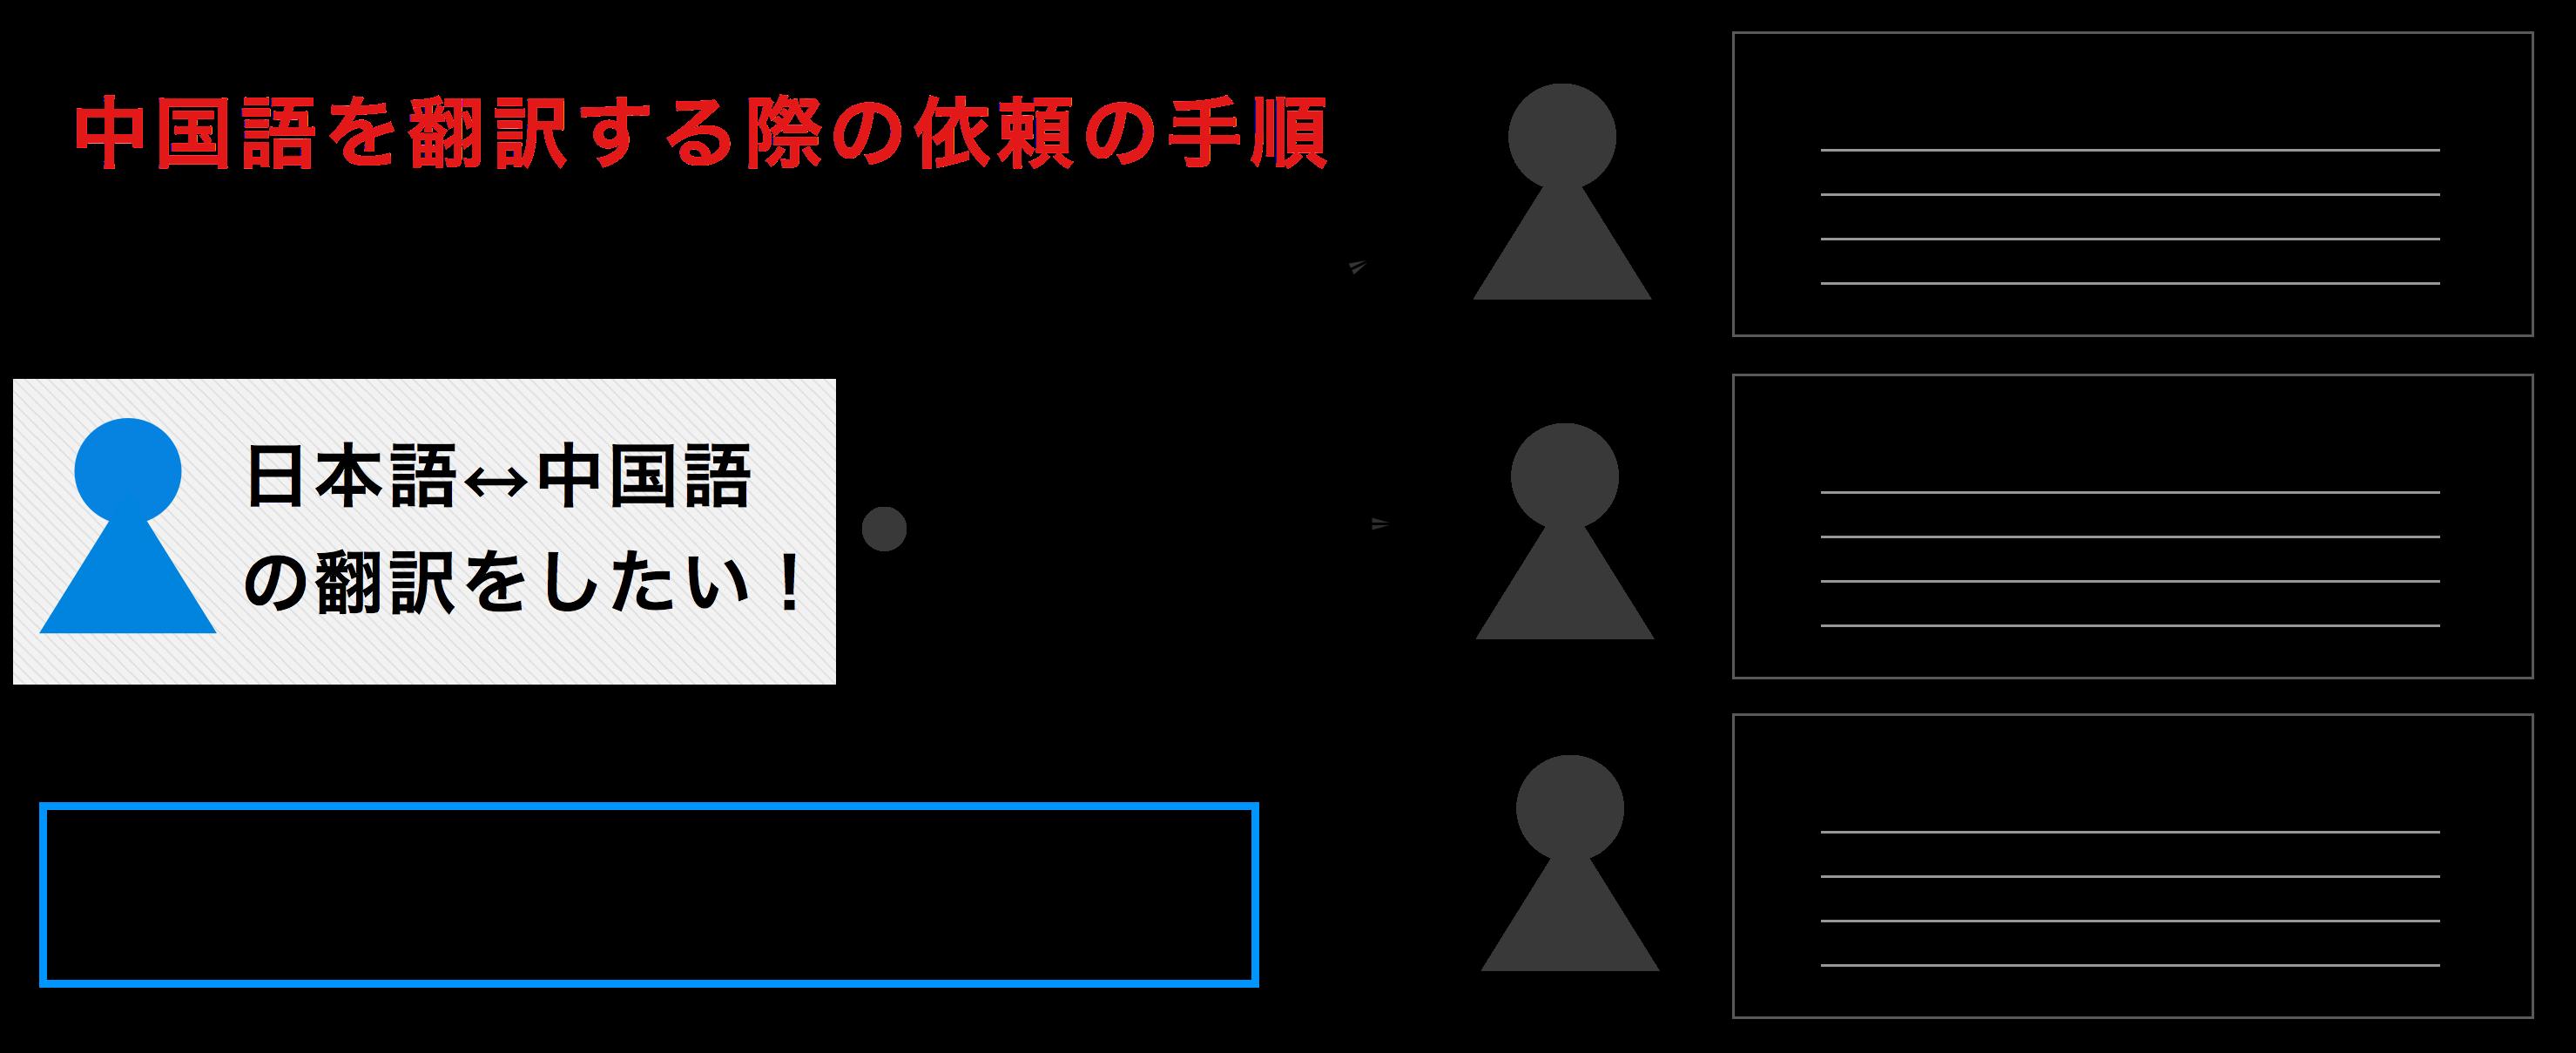 中国語翻訳を依頼するためにはプロフィールと翻訳、